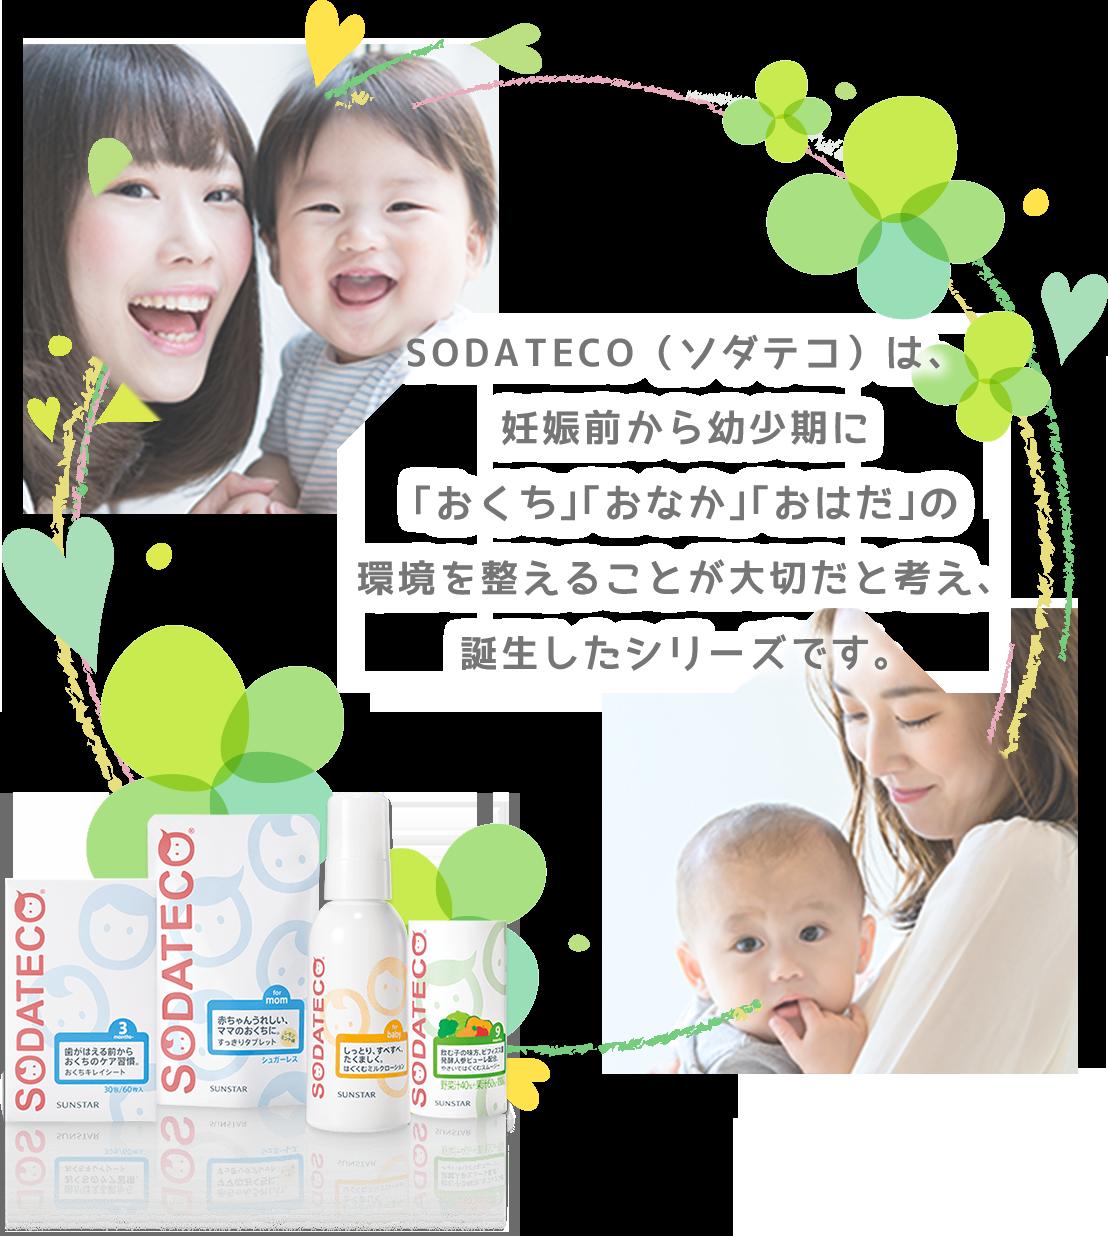 SODATECO(ソダテコ)は、妊娠前から幼少期に「おくち」「おなか」「おはだ」の環境を整えることが大切だと考え、誕生したシリーズです。